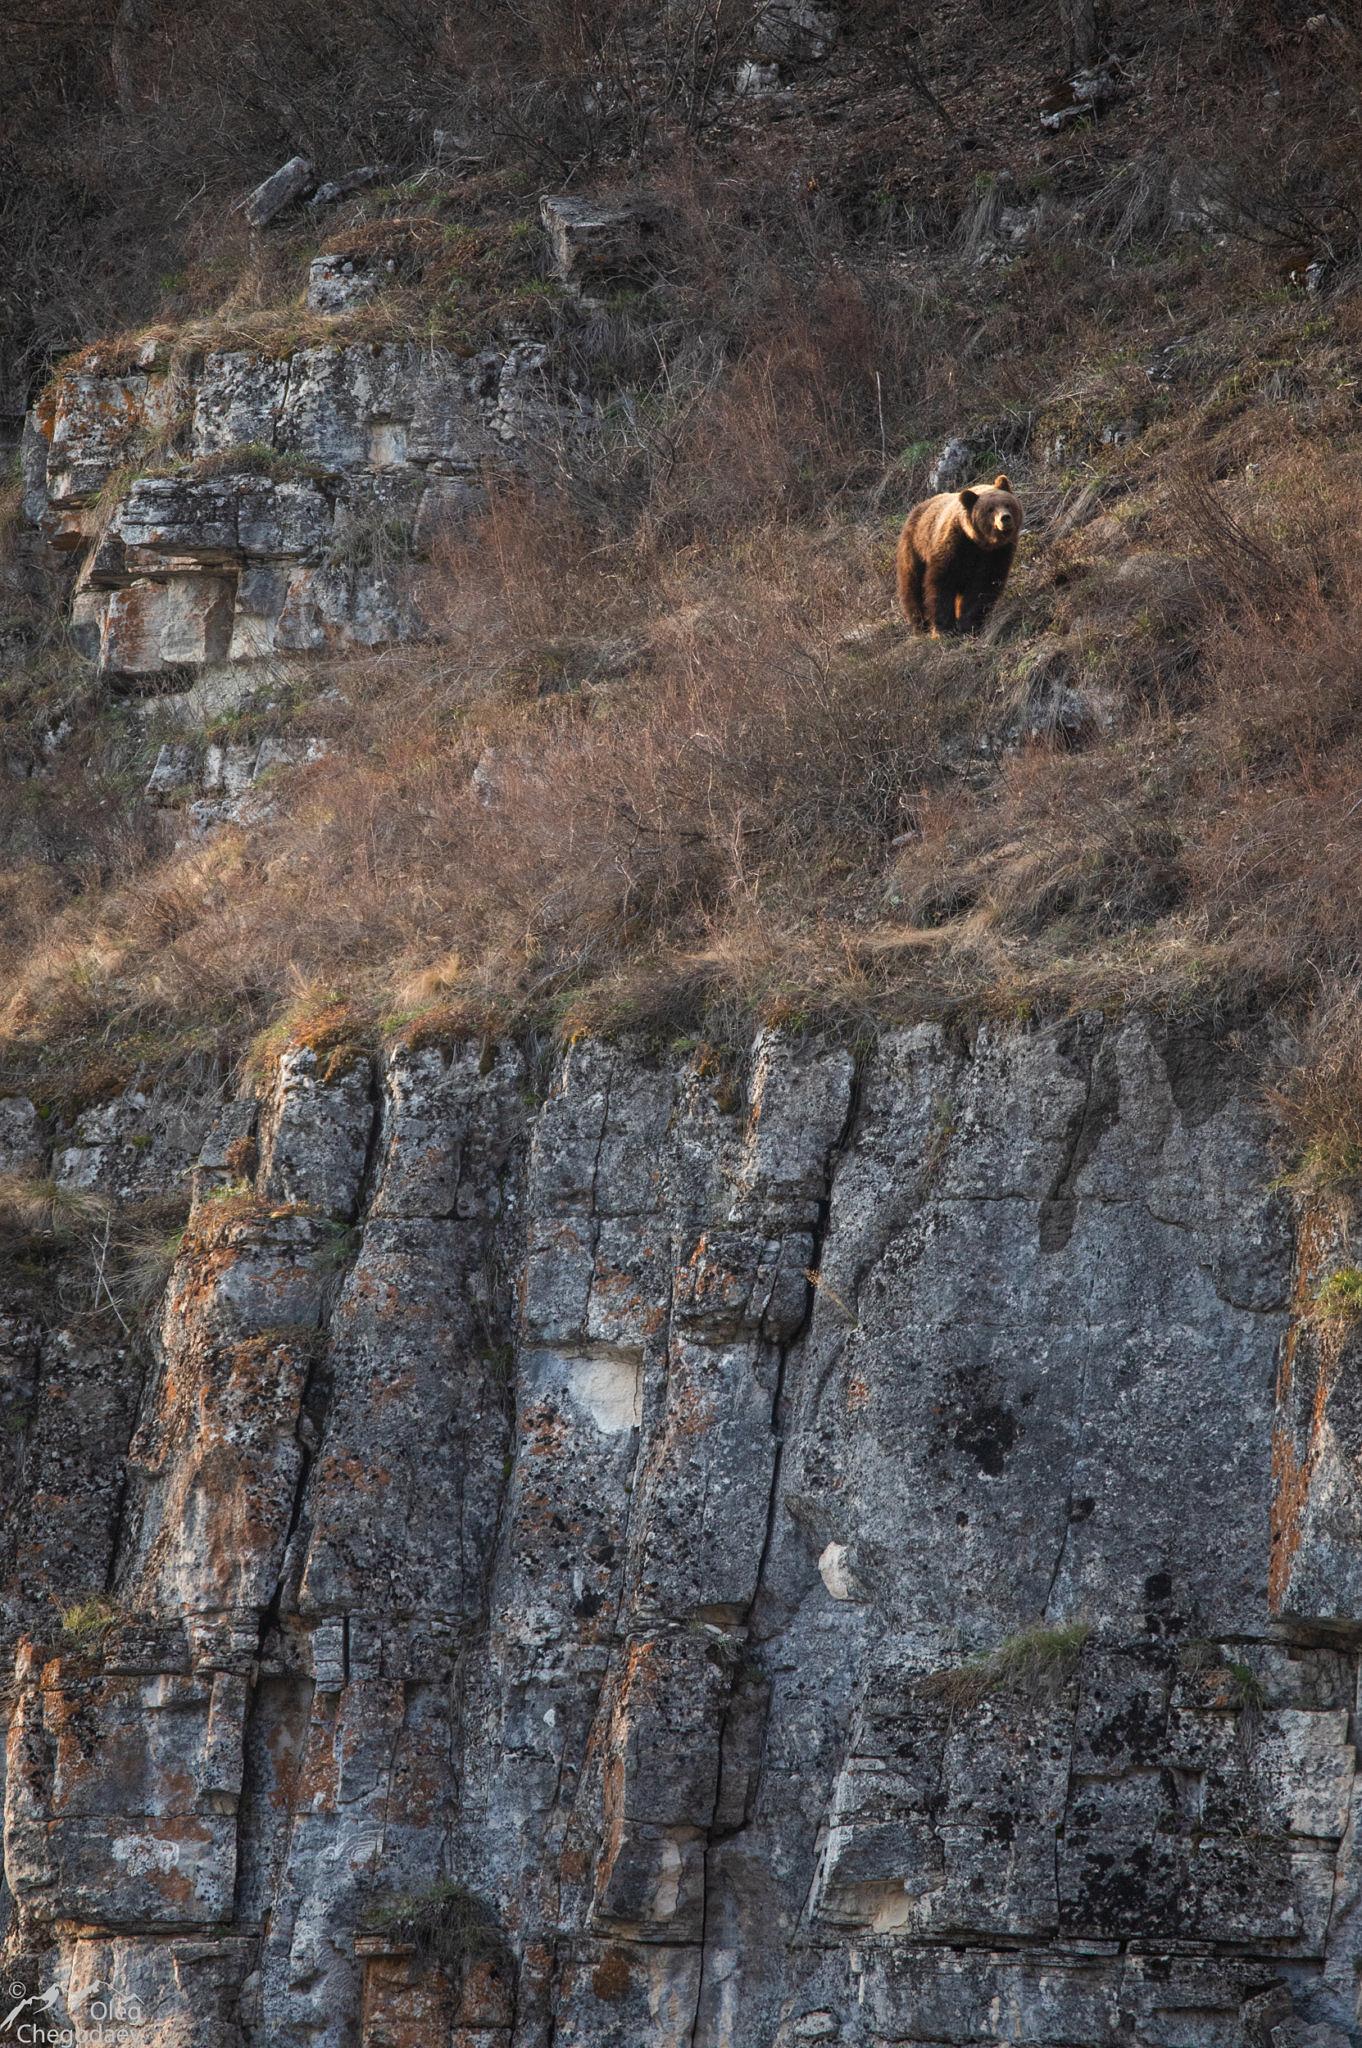 Бурый медведь на скалах